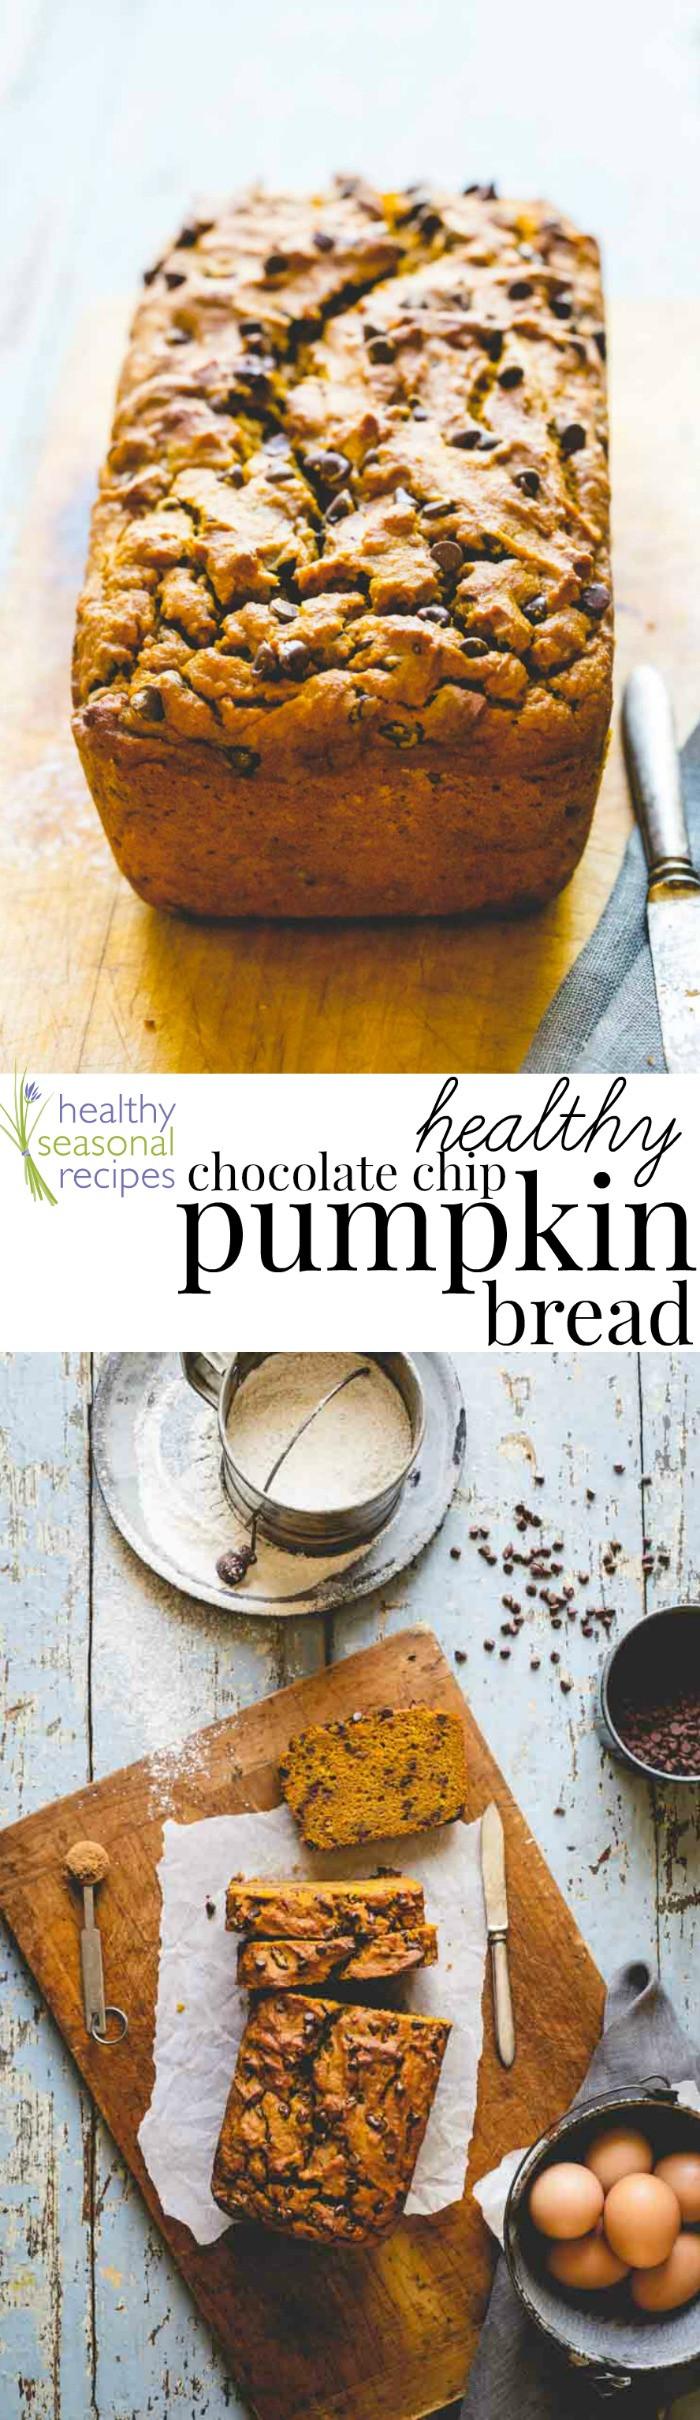 Healthy Chocolate Pumpkin Bread  healthy chocolate chip pumpkin bread Healthy Seasonal